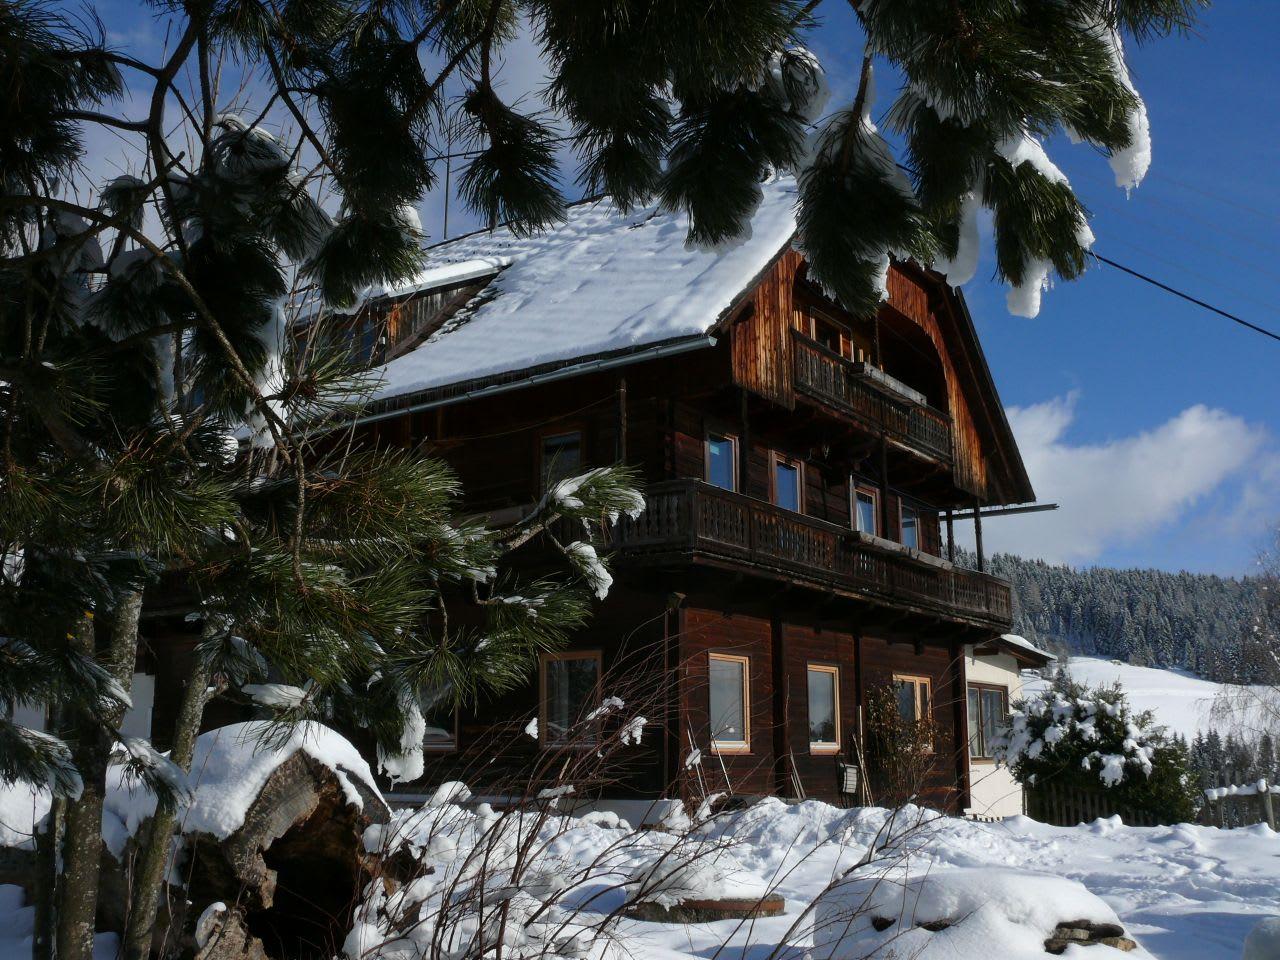 Winter in Tassach